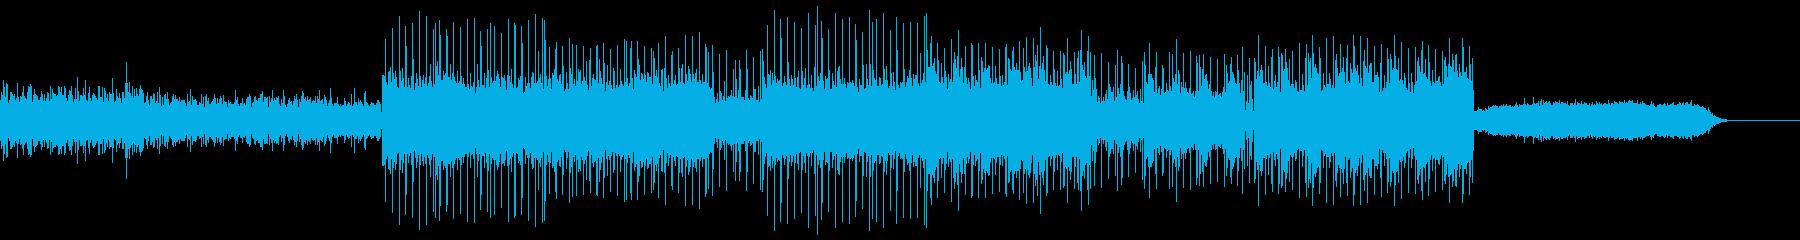 動画 技術的な ハイテク バックグ...の再生済みの波形